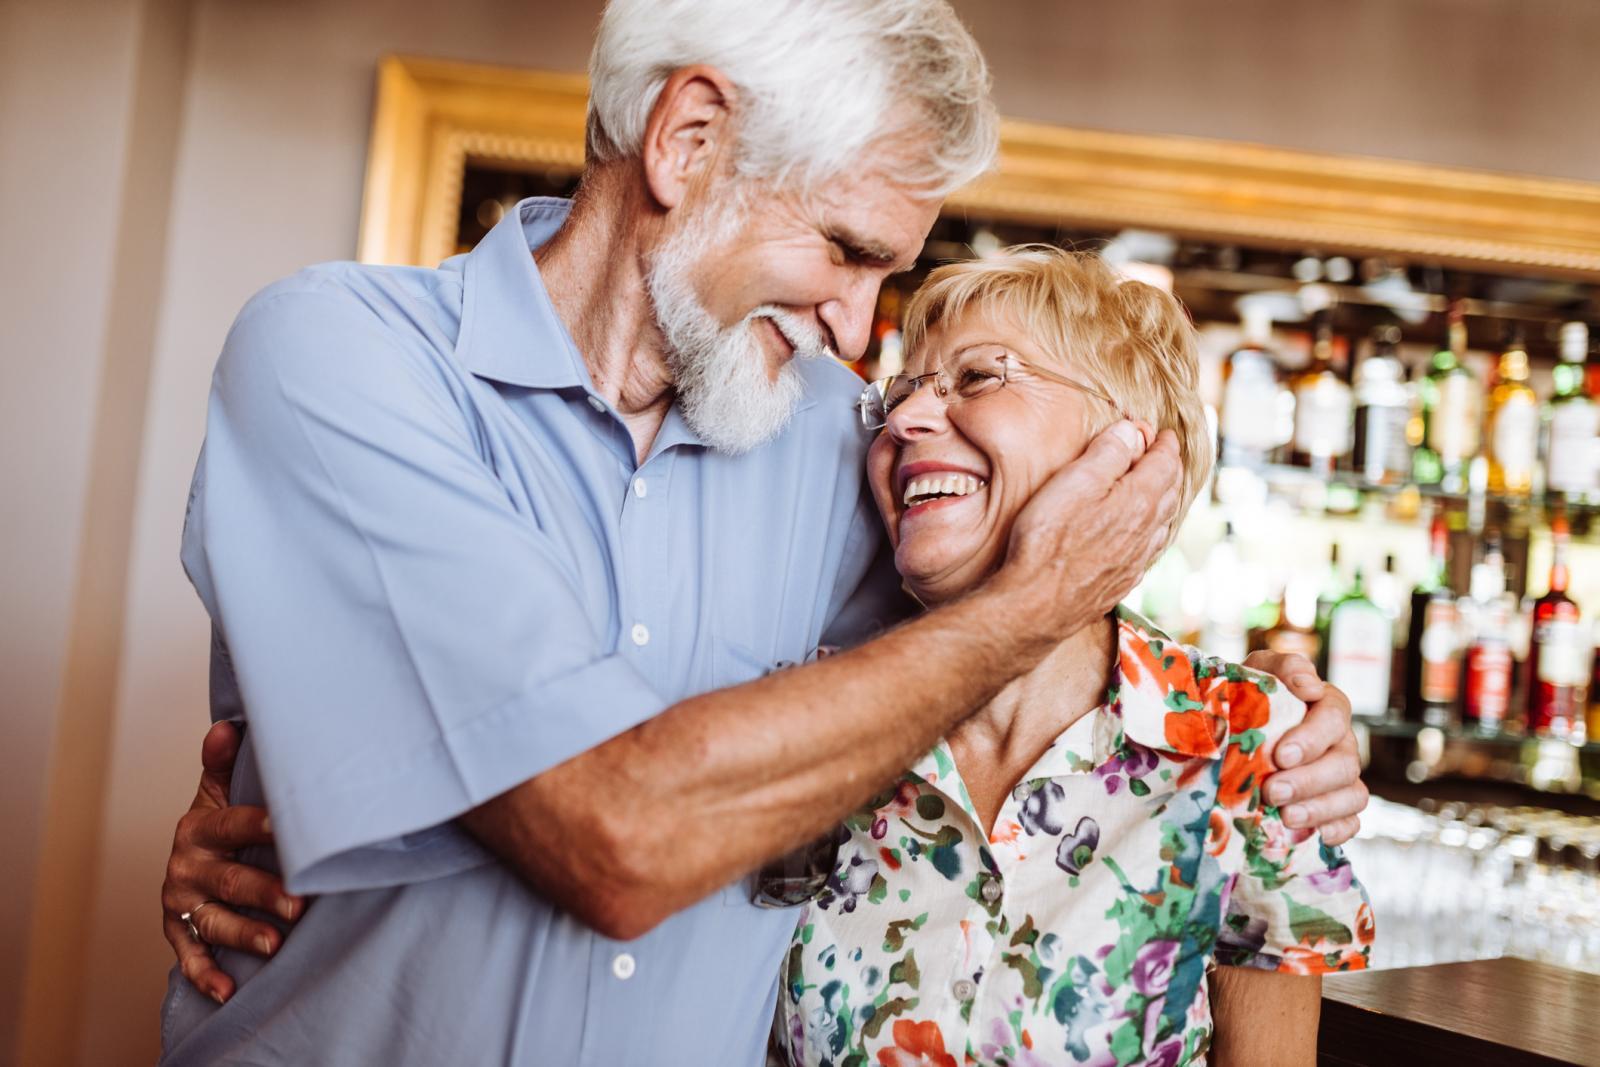 Općenito, tumor prostate najčešće raste polako i dugi niz godina ostaje ograničen na žlijezdu. Tijekom tog vremena, tumor stvara malo ili nimalo simptoma.